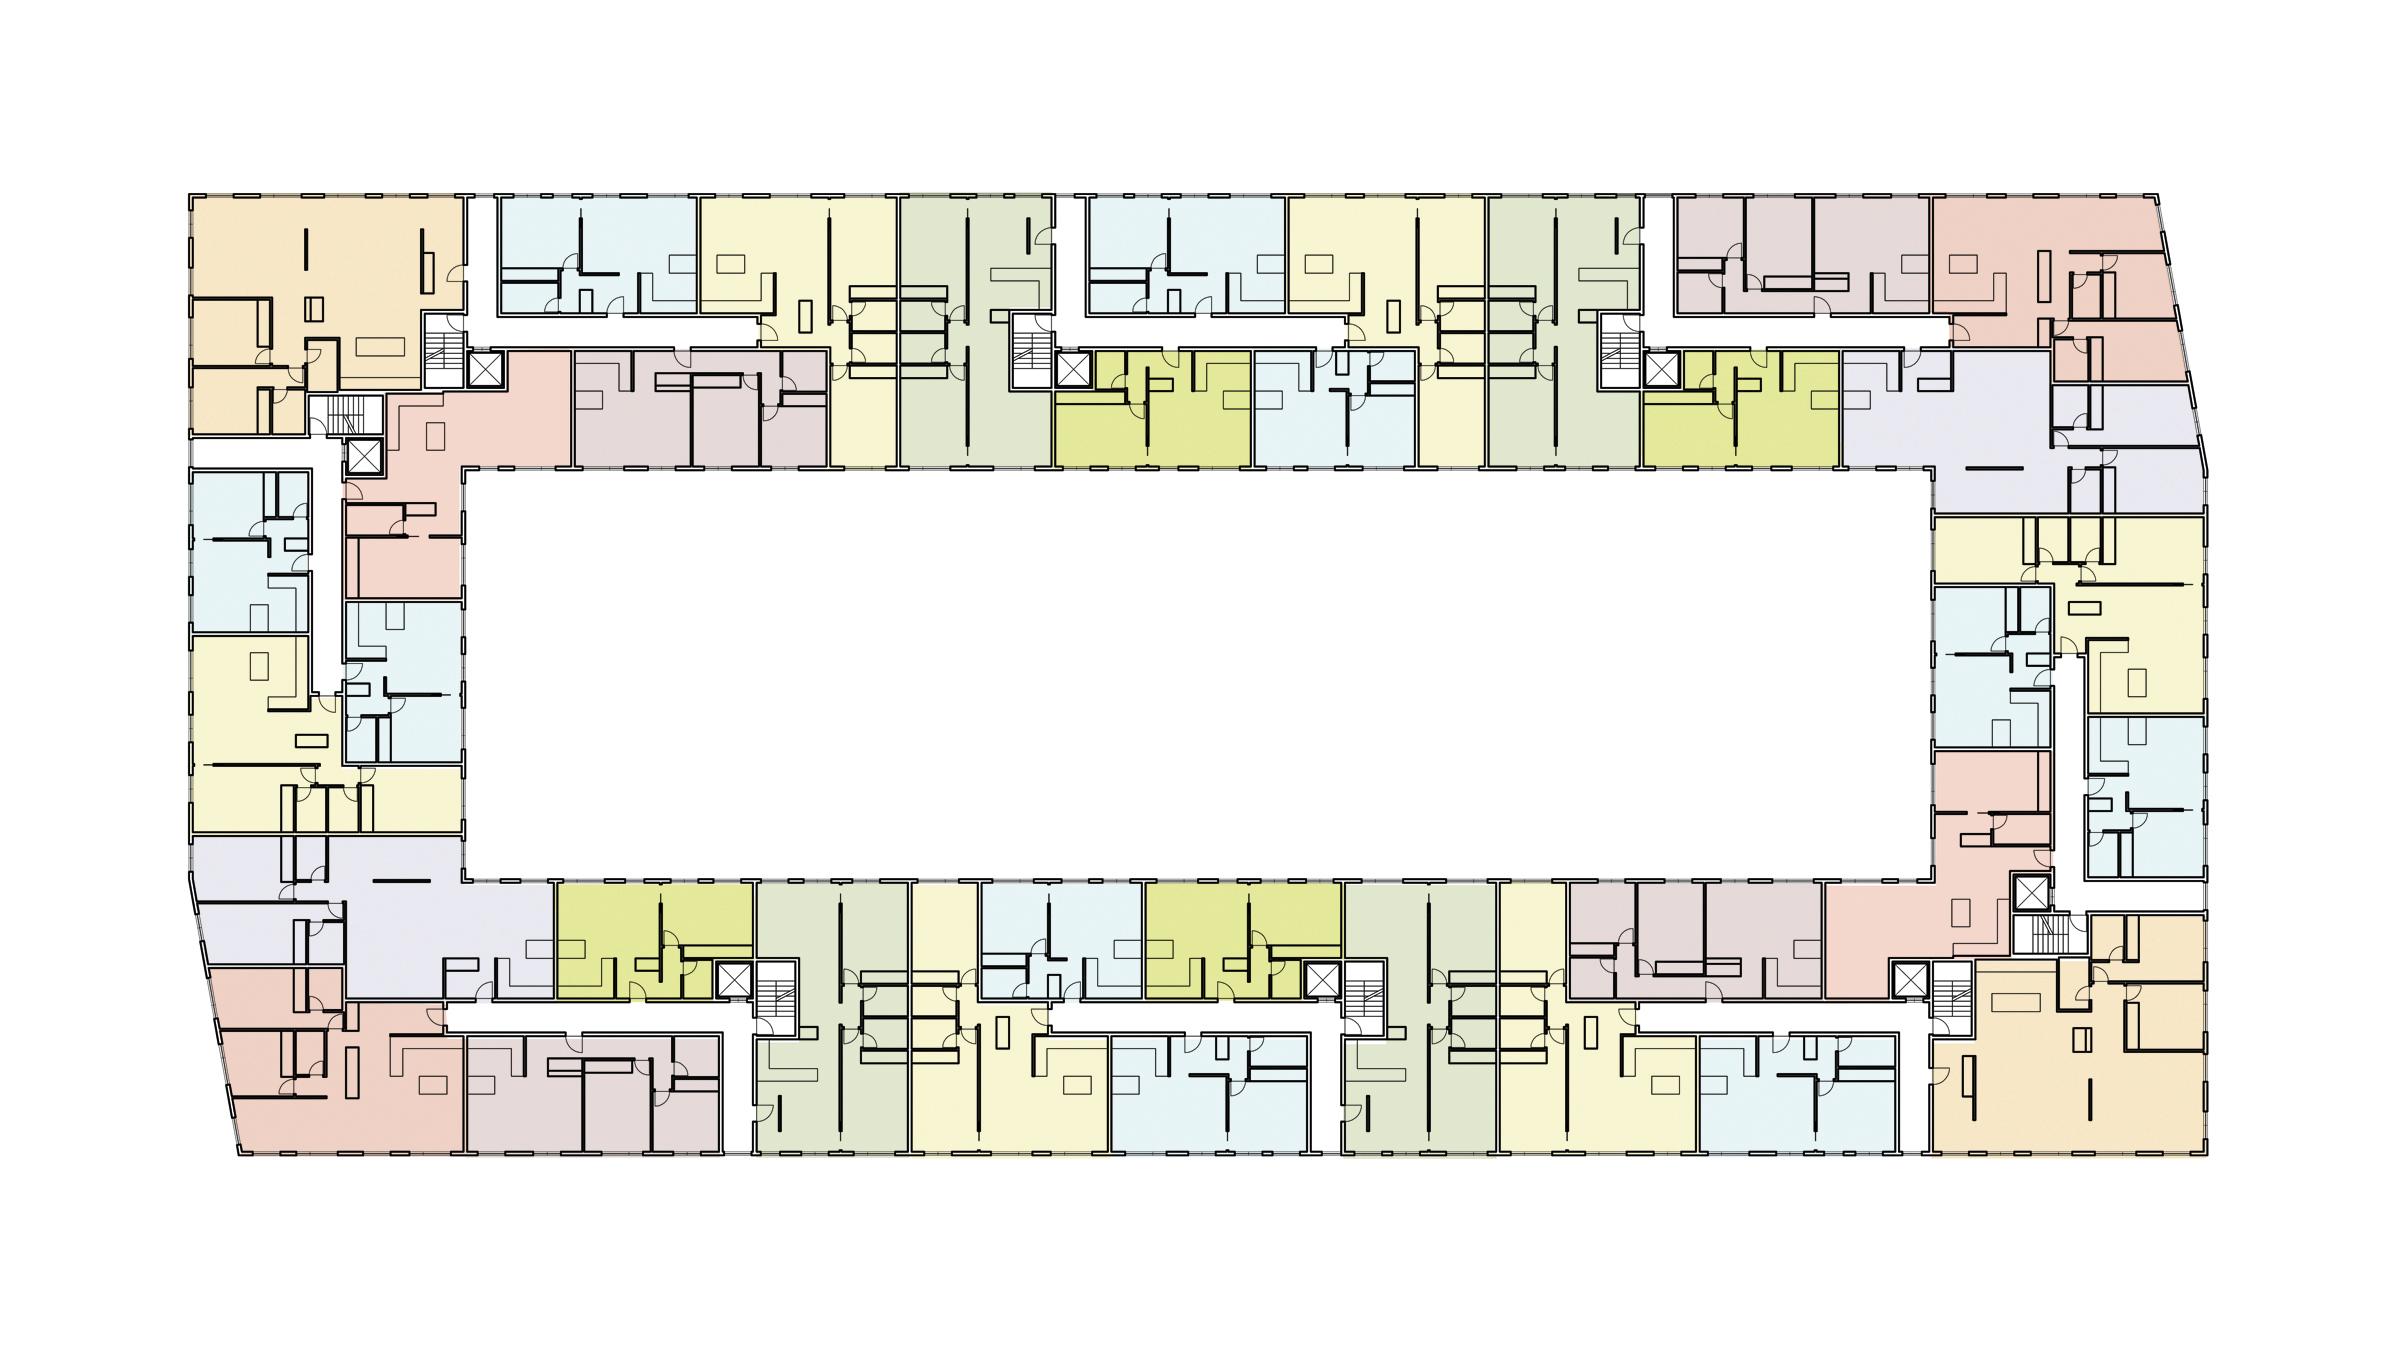 Housing Block. Typical building floor plan